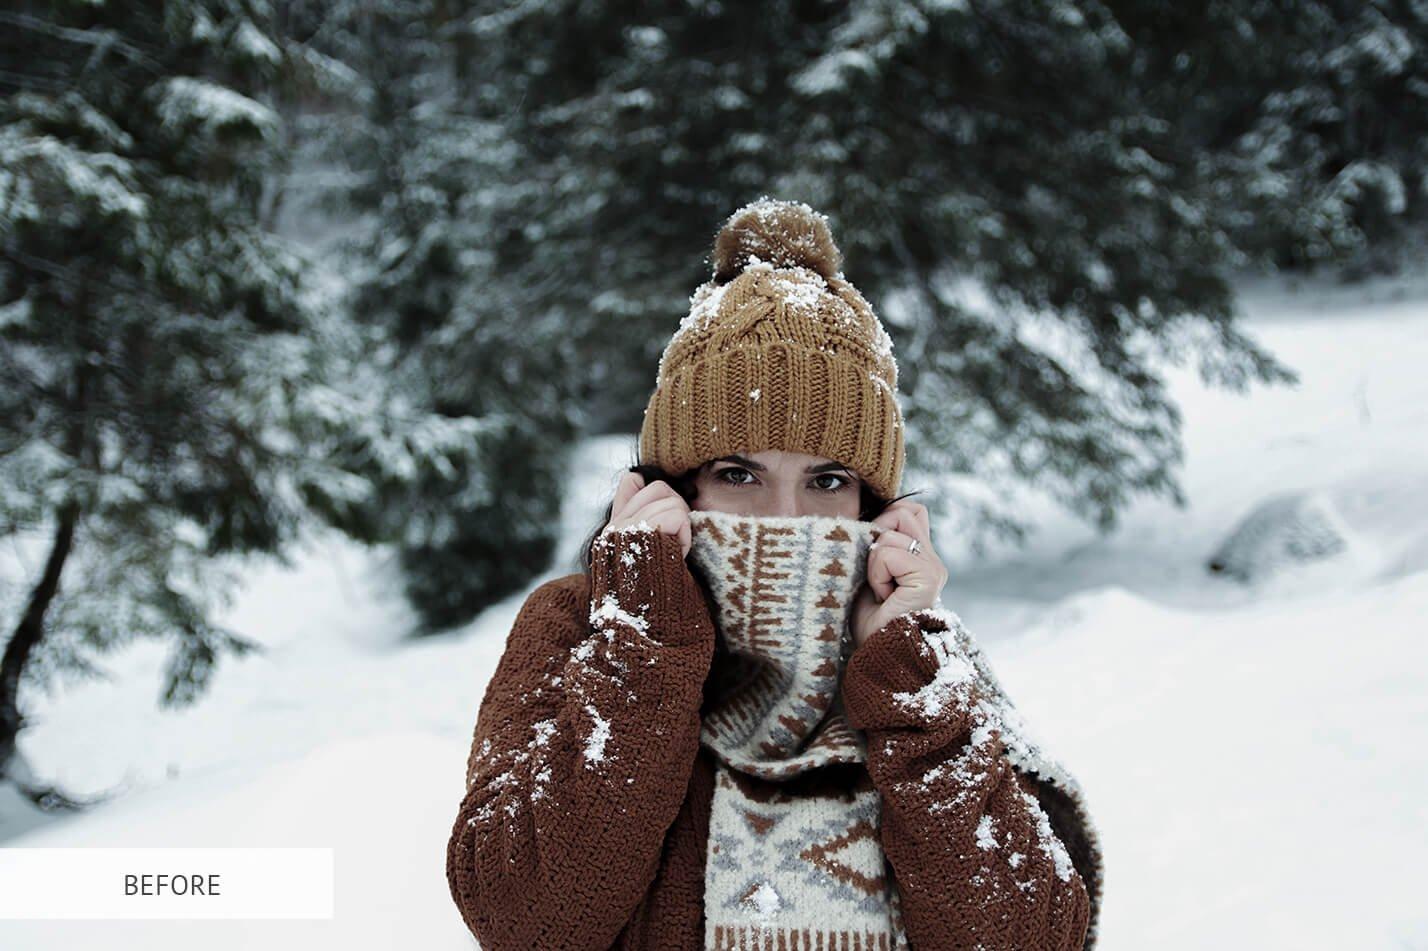 30款高清冬季冰雪PS叠加层背景图片素材 Ice Photoshop Overlays插图(19)